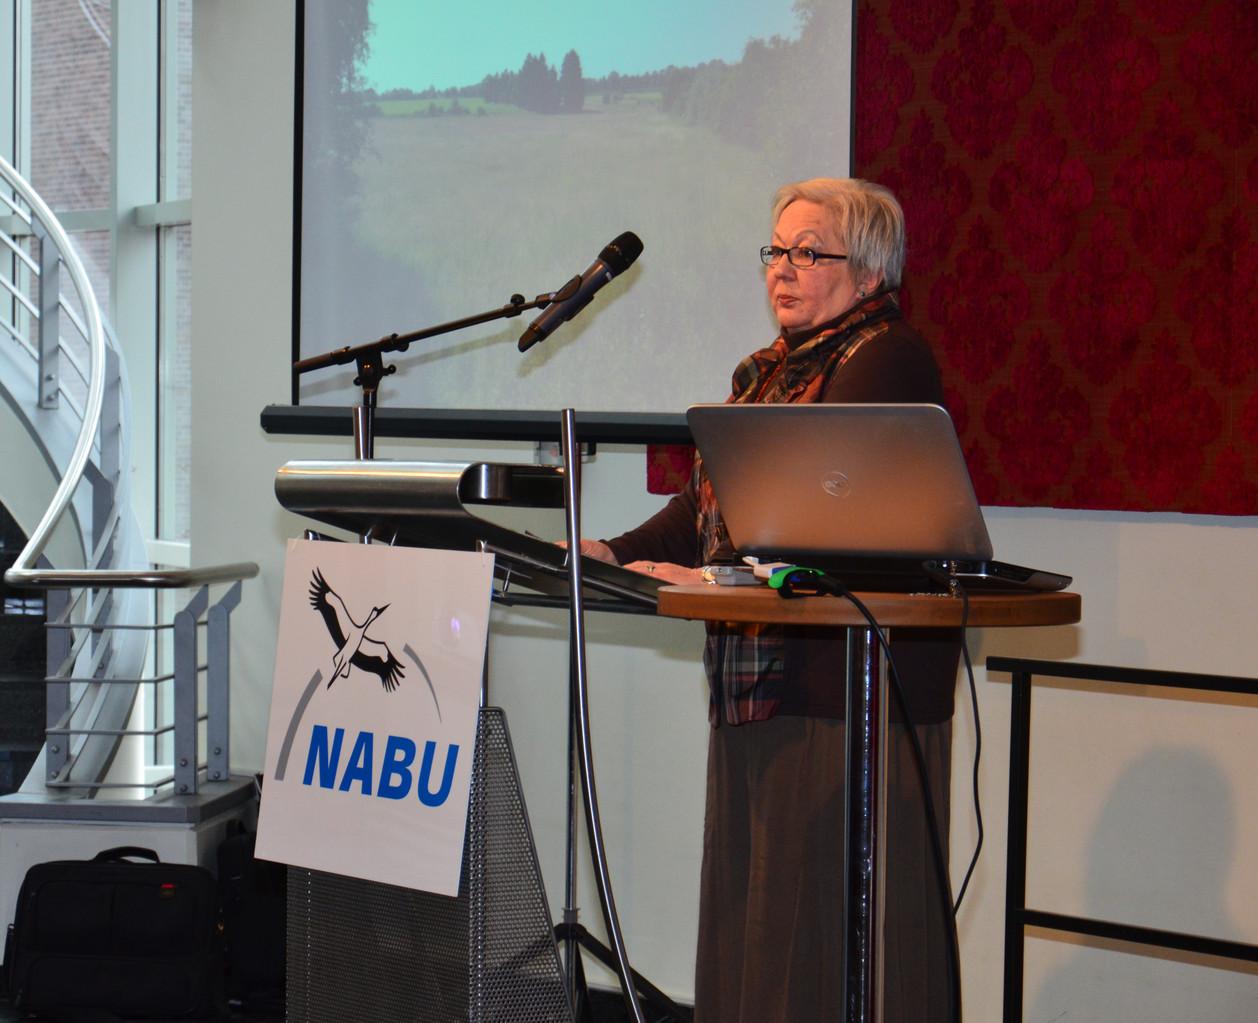 Gabriele Krebs stellt die NABU-Buchholz Biotope im Überblick vor